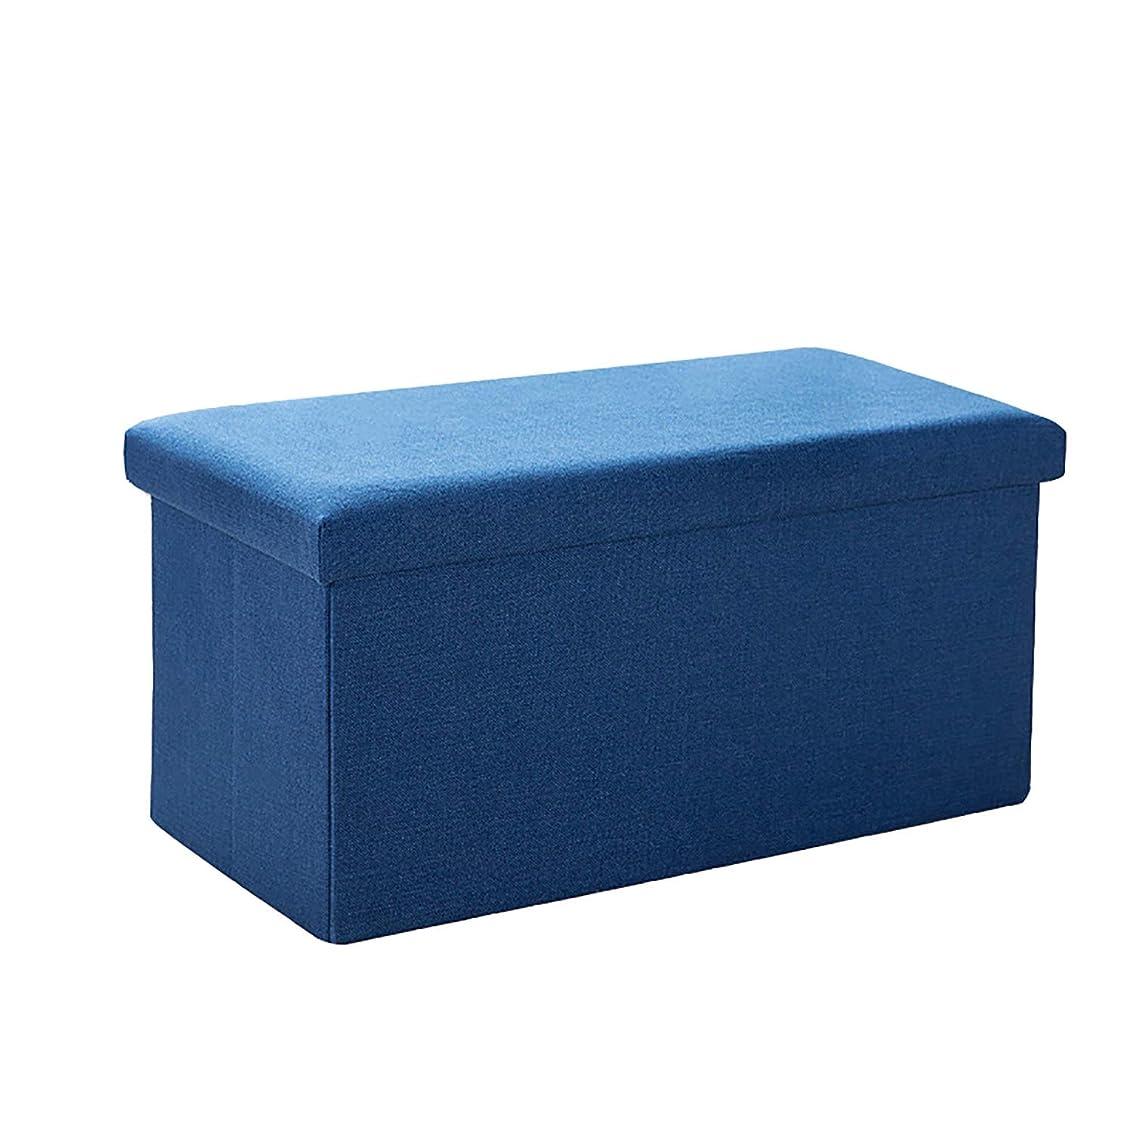 貨物プロット北極圏HSBAIS 収納オスマンベンチ、フットスツール 折りたたみ 収納ボックス リネン生地 ストレージチェア シート、モダンな家具,Navy blue_30.4